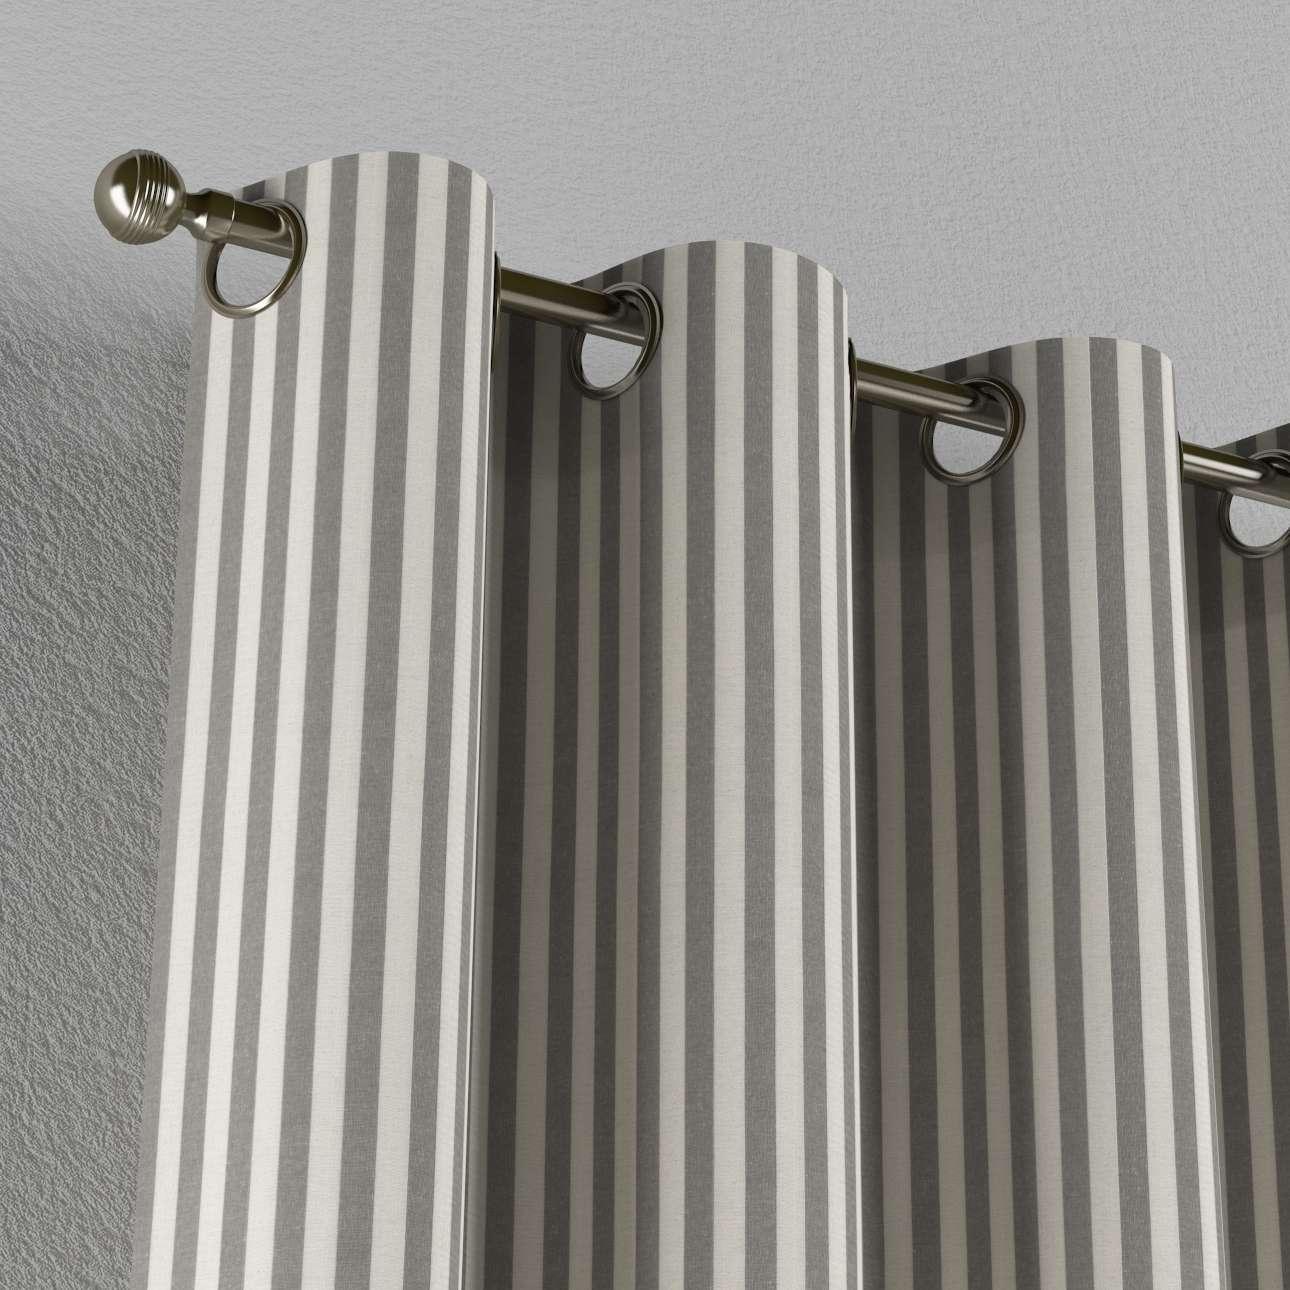 Žiedinio klostavimo užuolaidos 130 x 260 cm (plotis x ilgis) kolekcijoje Quadro, audinys: 136-12